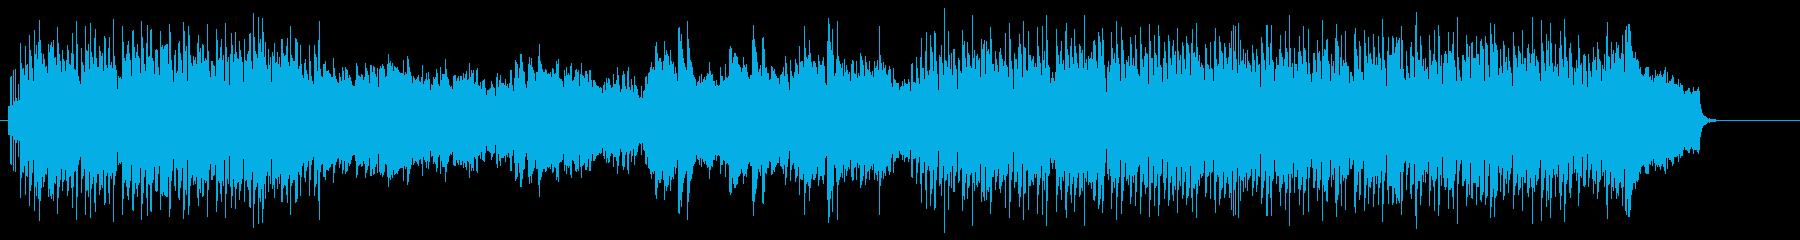 テーマ性を意識したタイトル向けのポップスの再生済みの波形